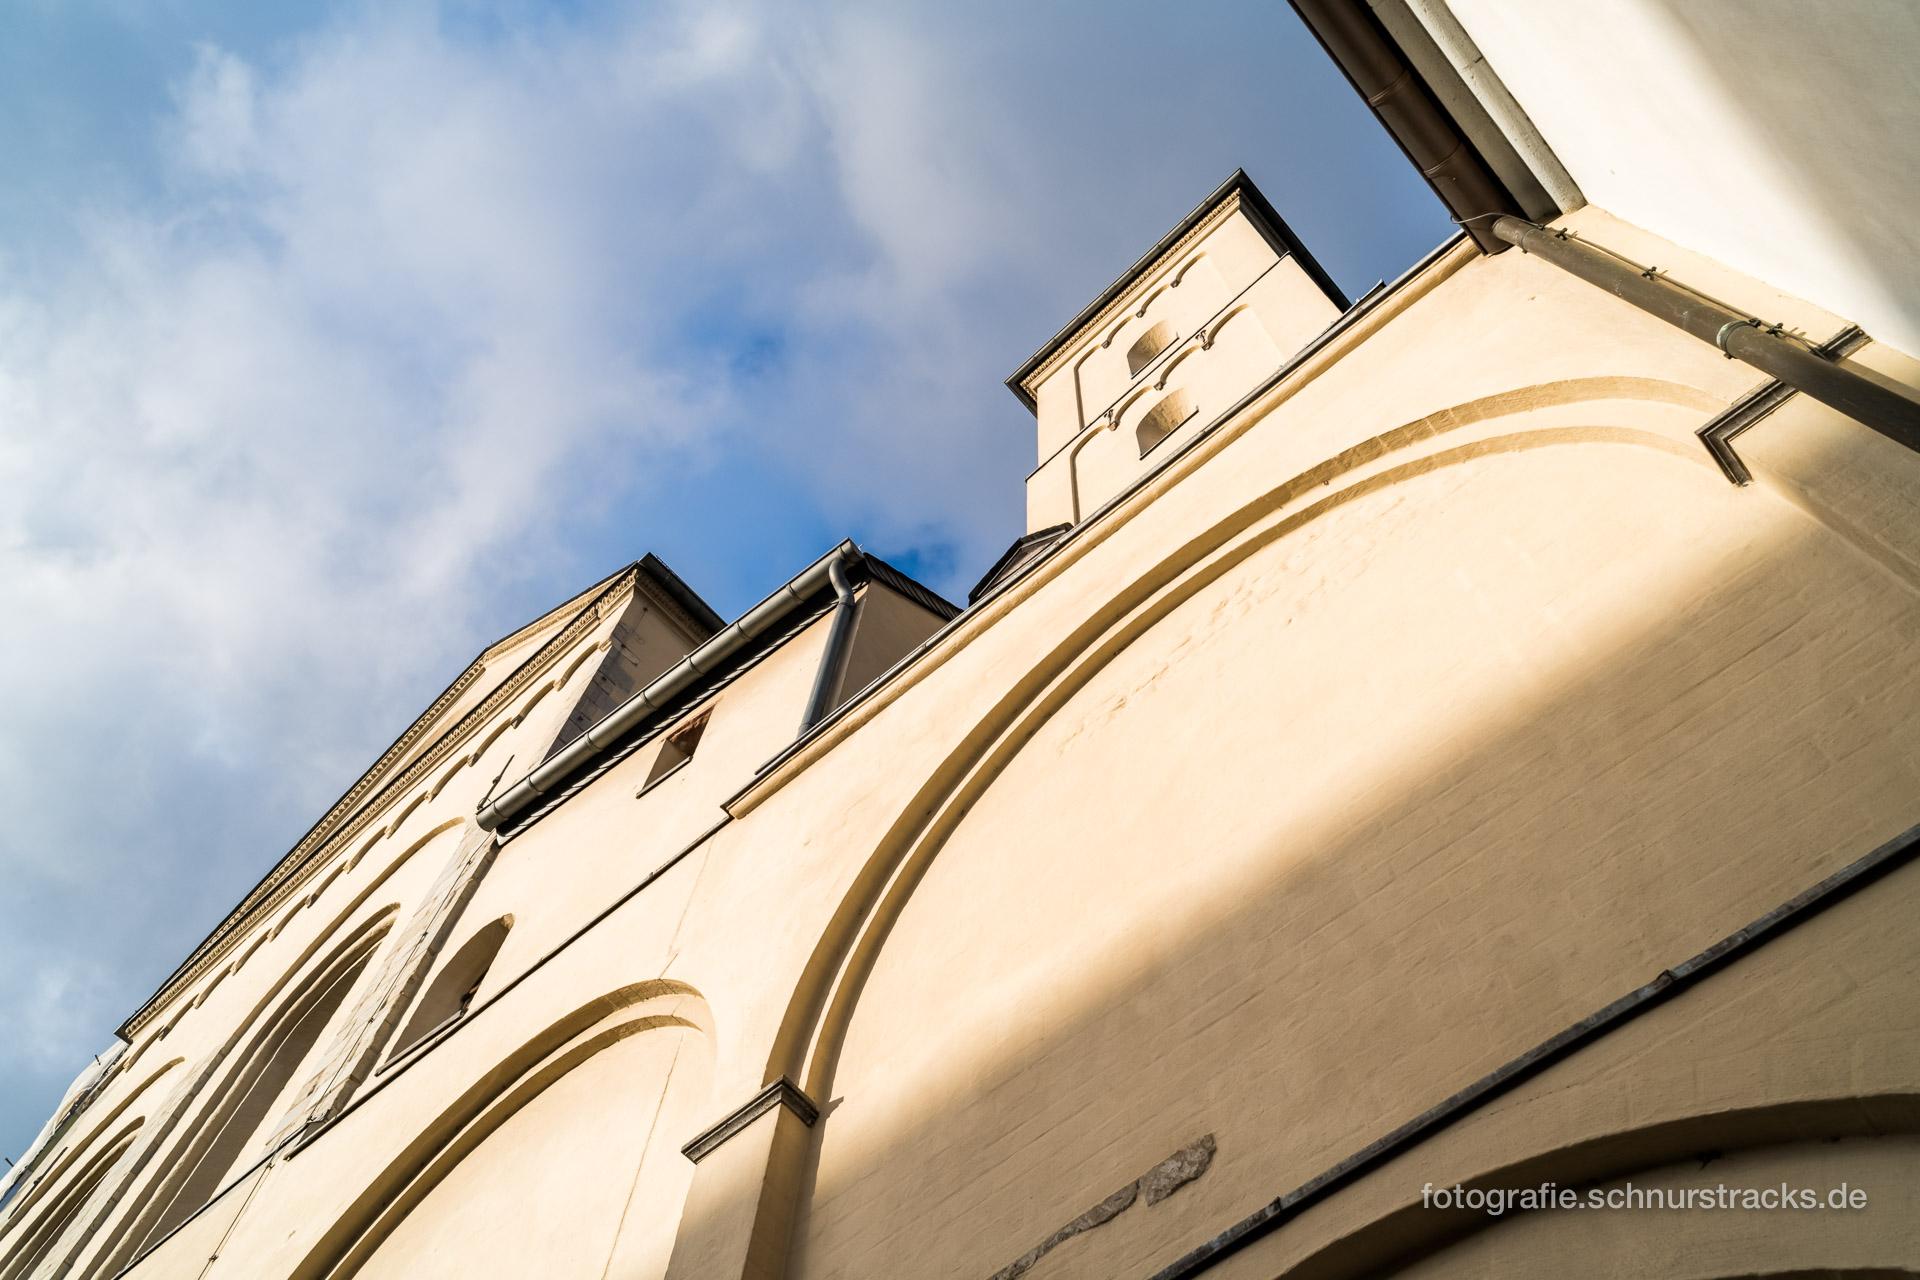 Südfassade Abteikirche Brauweiler #0229